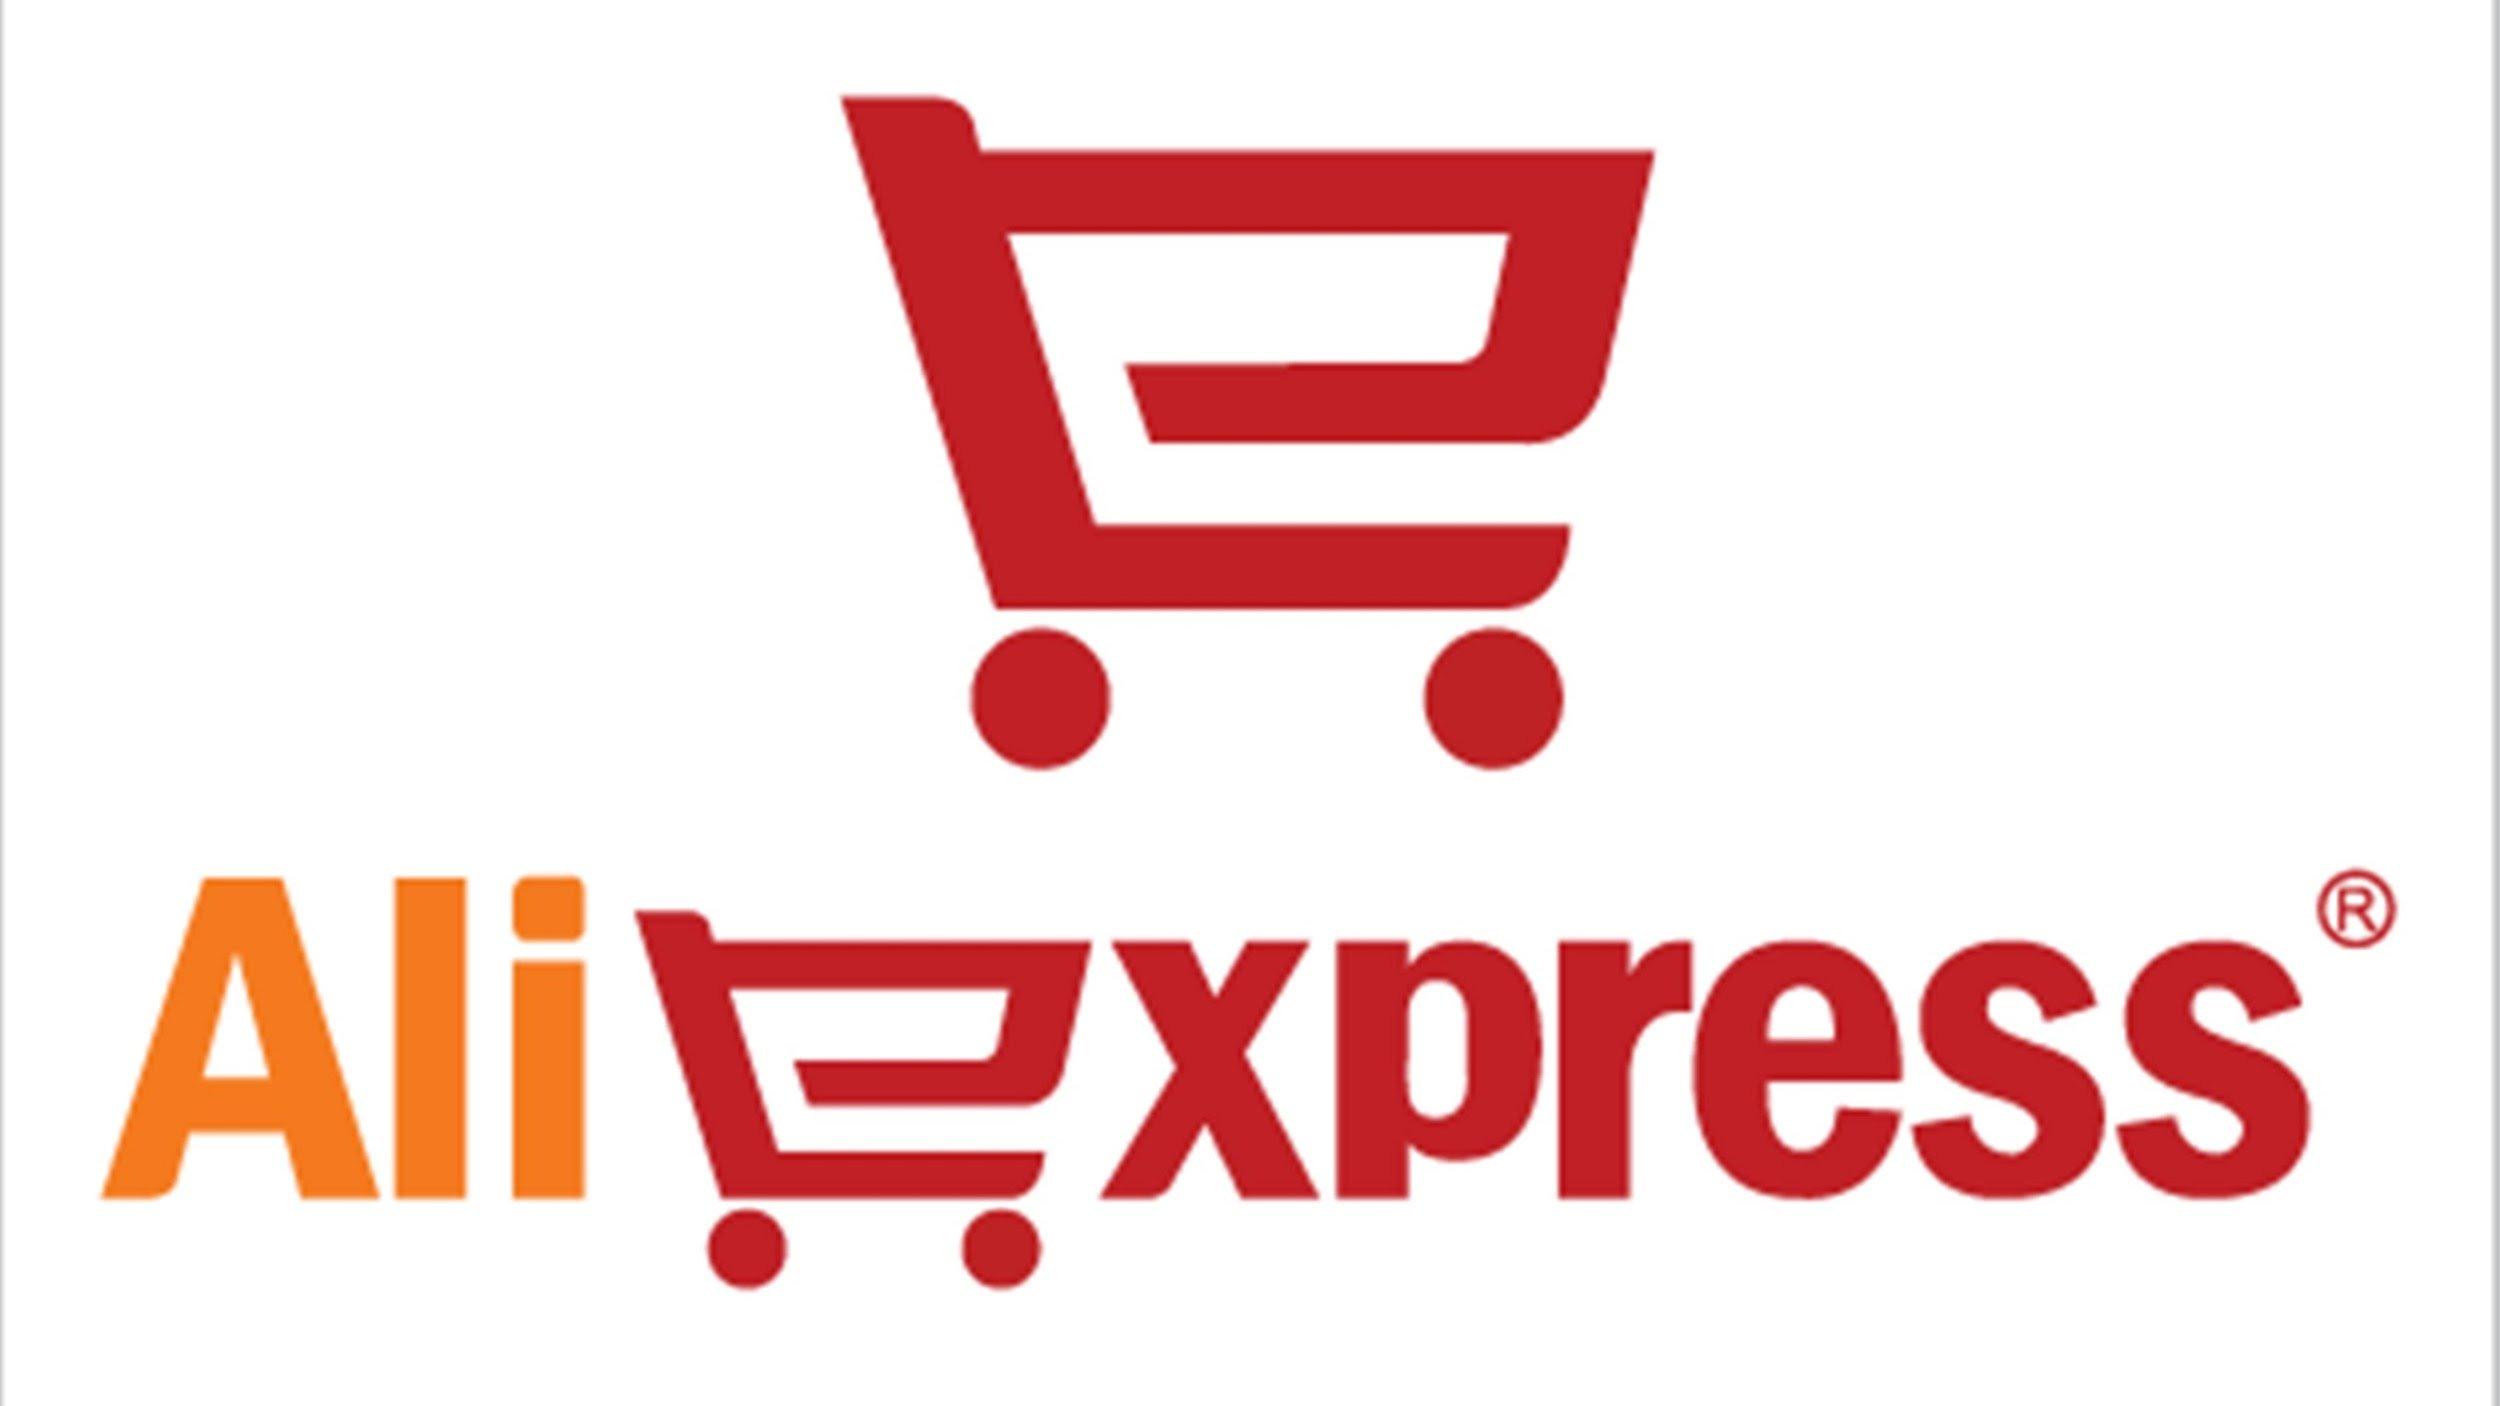 Ali Express como exemplo de site de vendas online